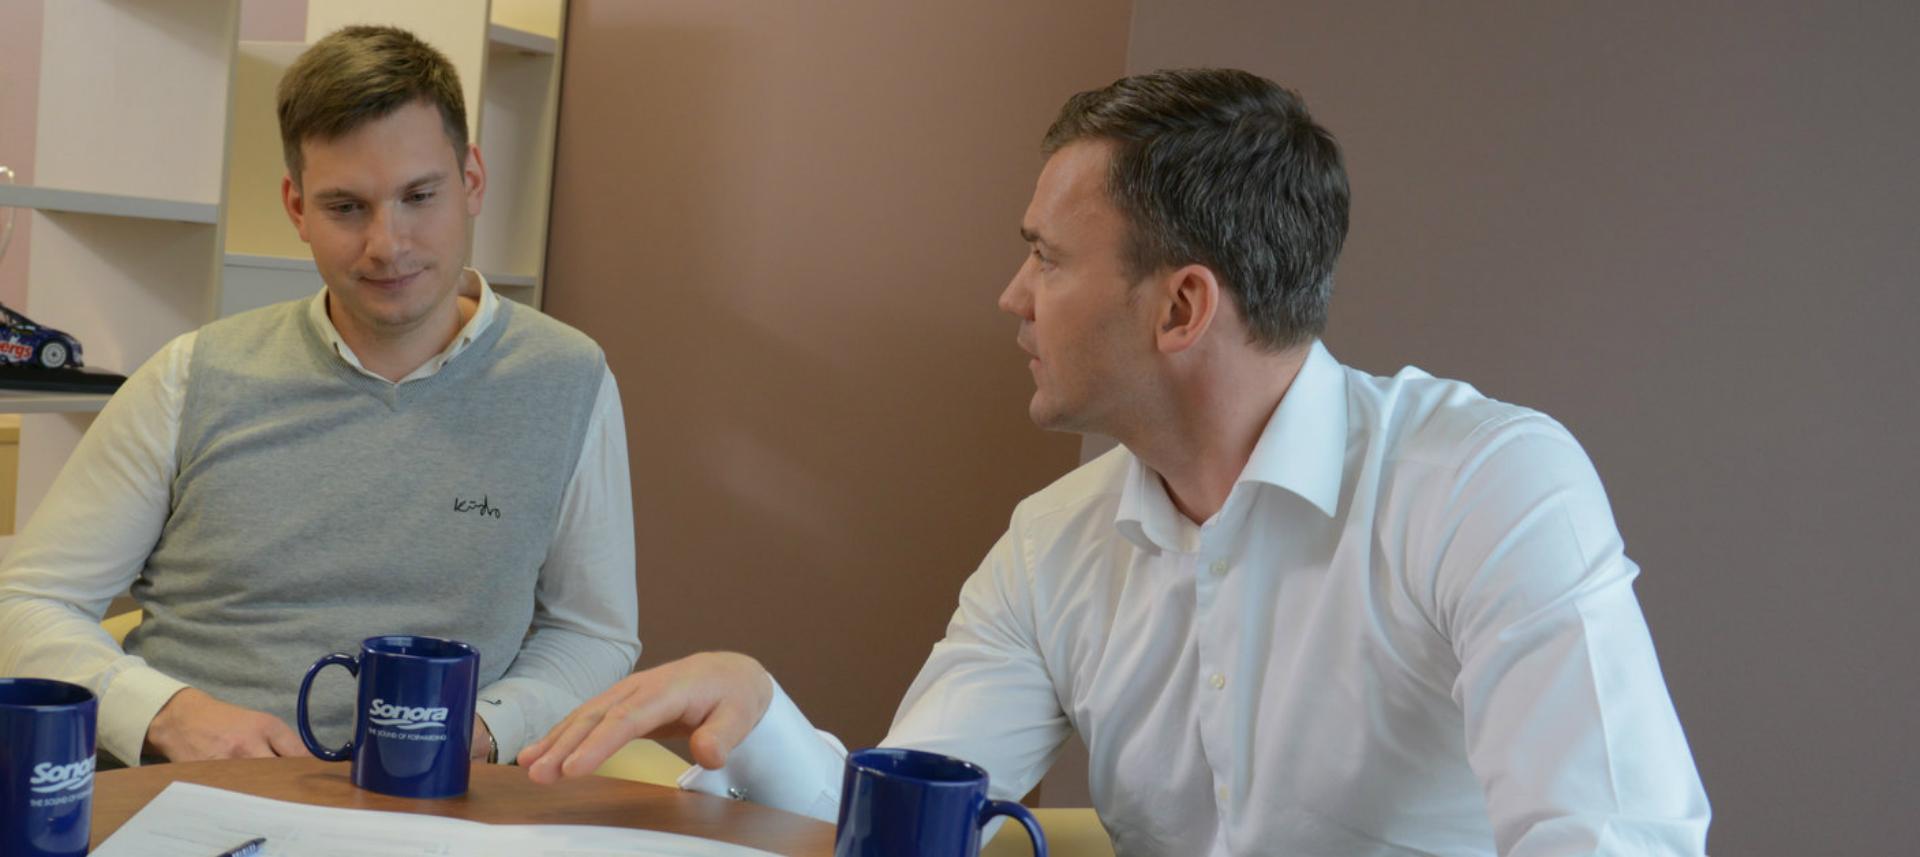 Предприниматели говорят о необходимости лицензирования грузоперевозчиков